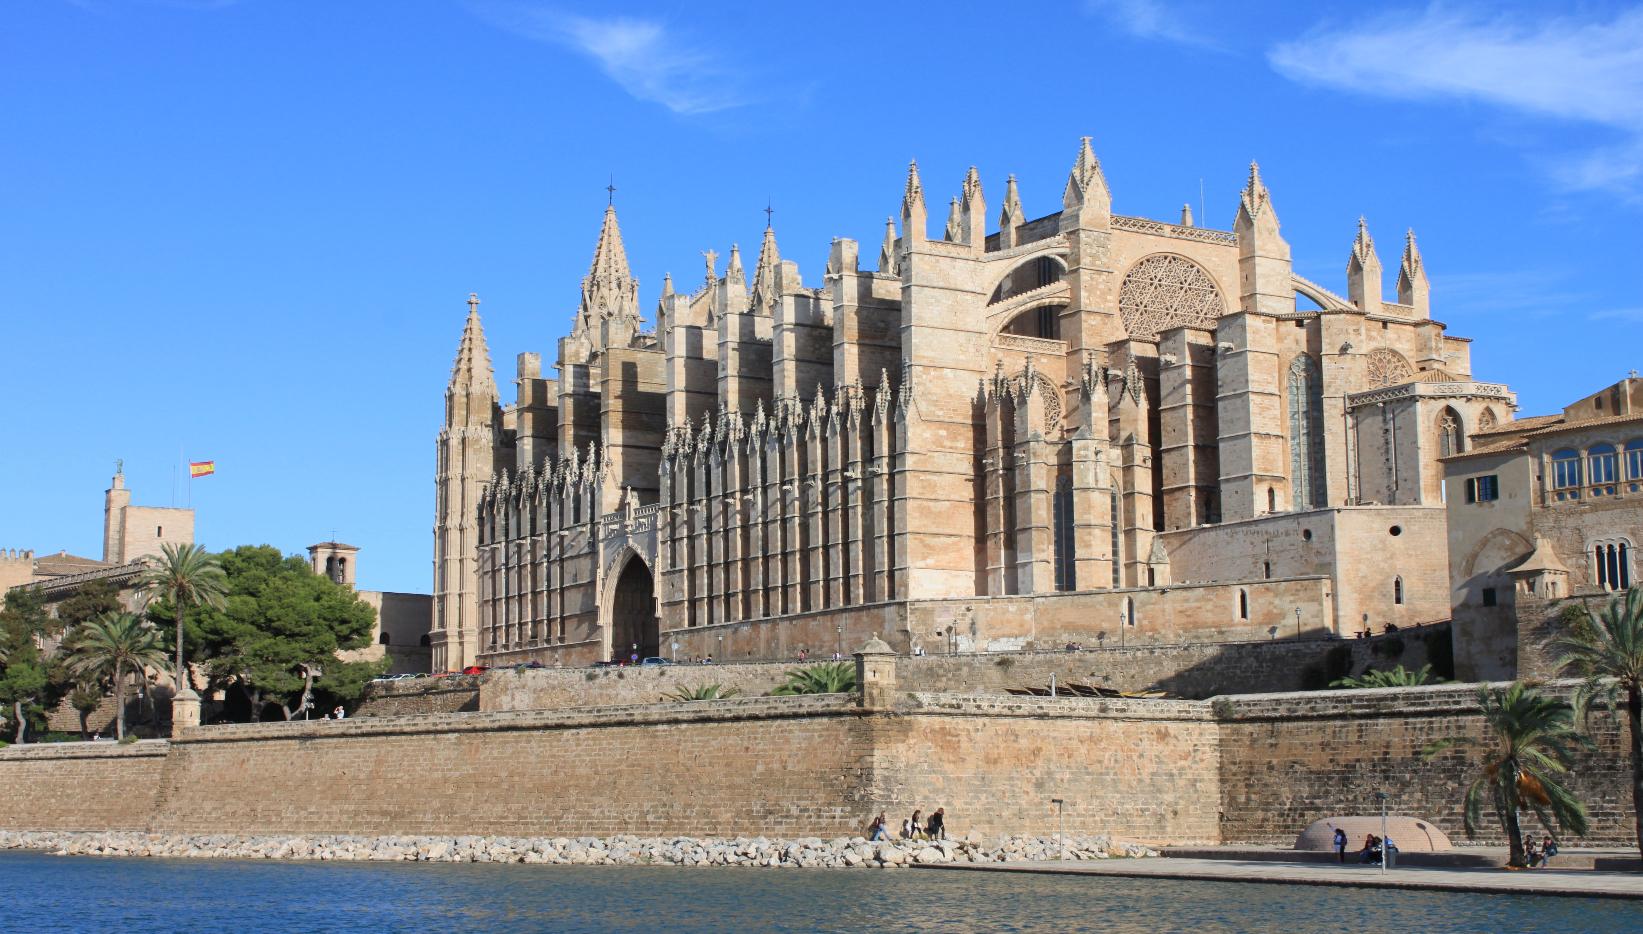 Qué Ver Y Visitar En Palma De Mallorca Capital De Mallorca